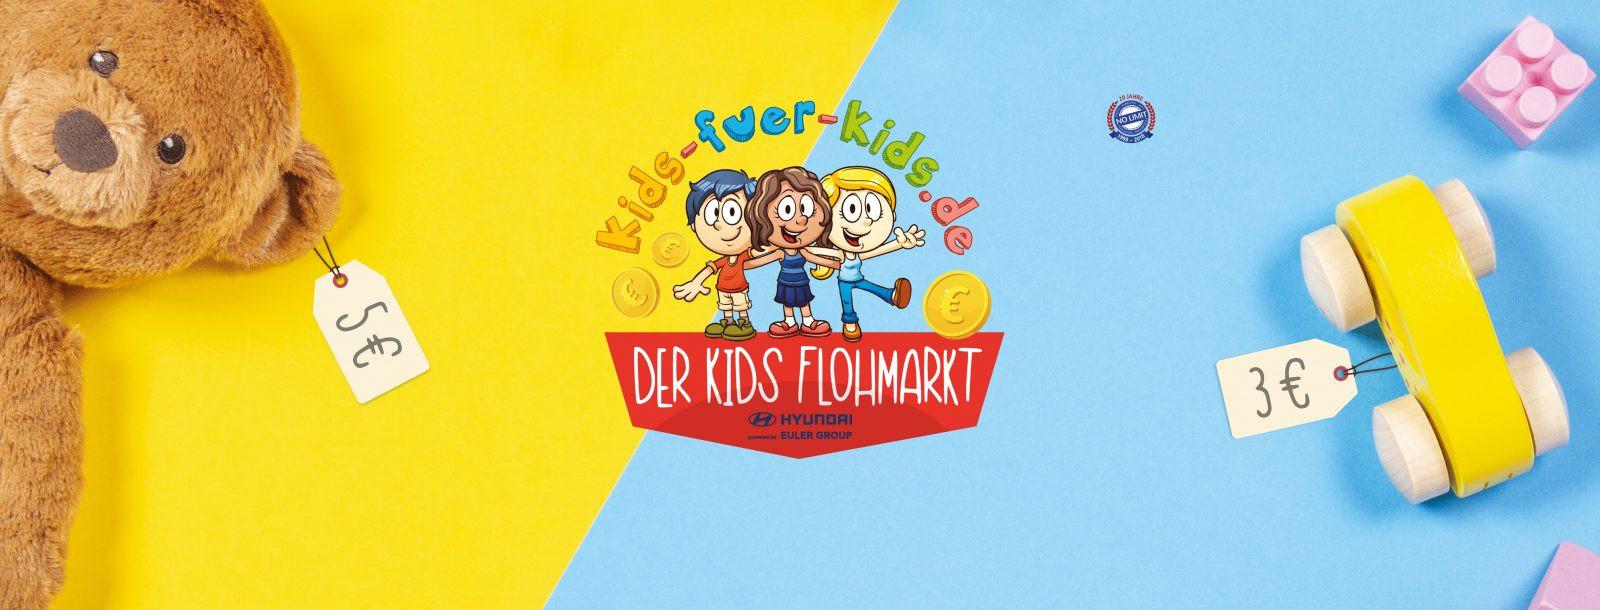 Der Kids Flohmarkt - EULER GROUP